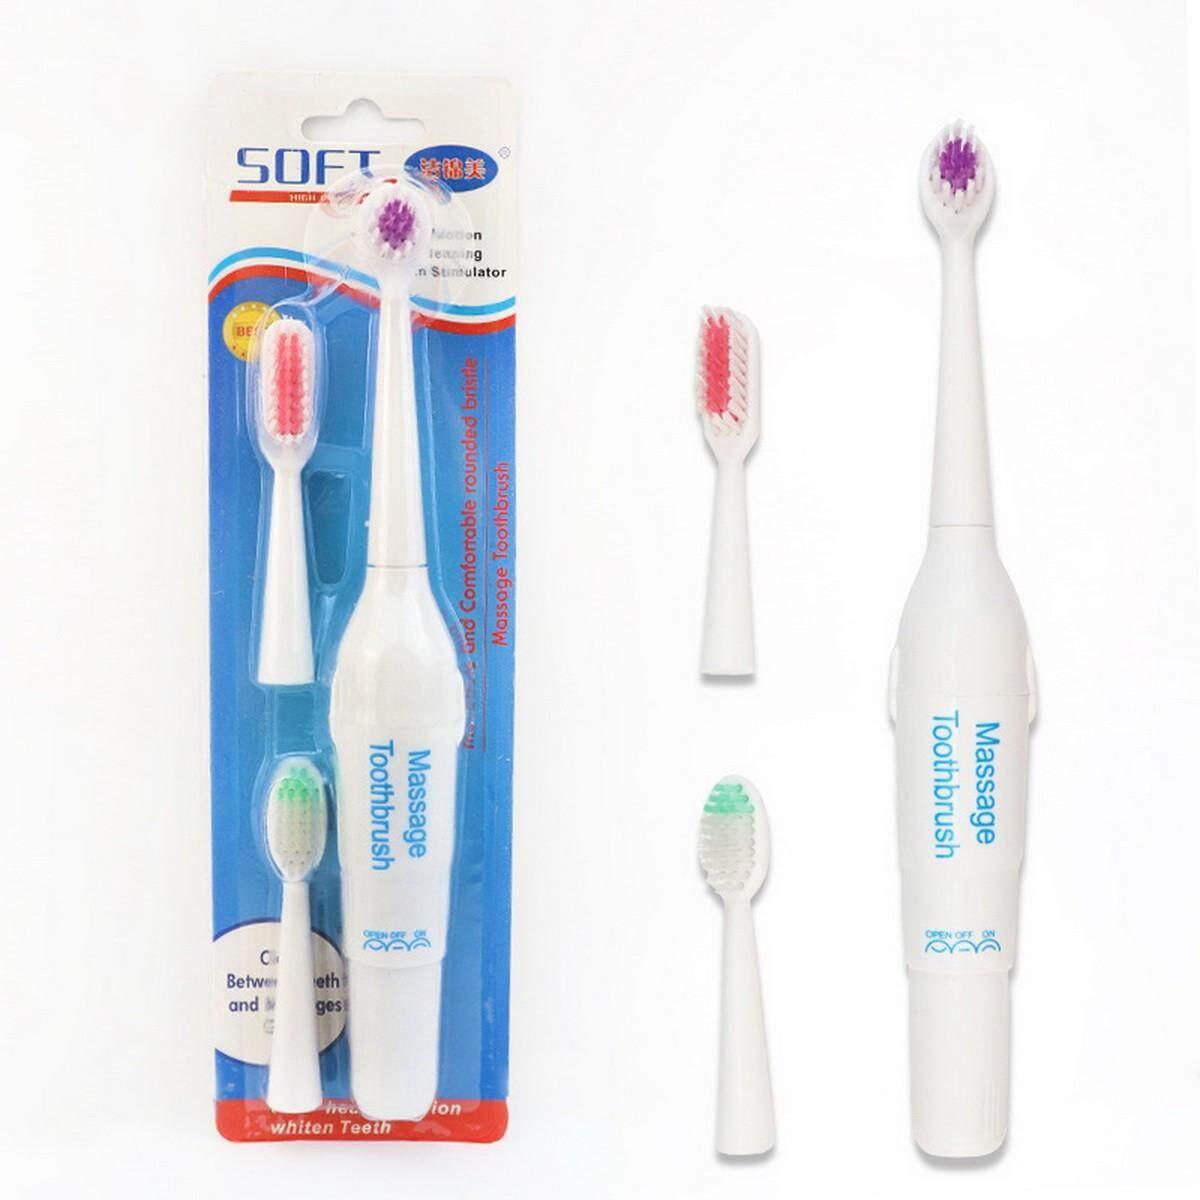 แปรงสีฟันไฟฟ้า ช่วยดูแลสุขภาพช่องปาก นครพนม แปรงสีฟันไฟฟ้ากันน้ำ  แบตเตอรี่ดำเนินการมอเตอร์สั่นแปรงฟัน 3 ชิ้นหัวเปลี่ยน  สุ่มสี  สีสุ่ม